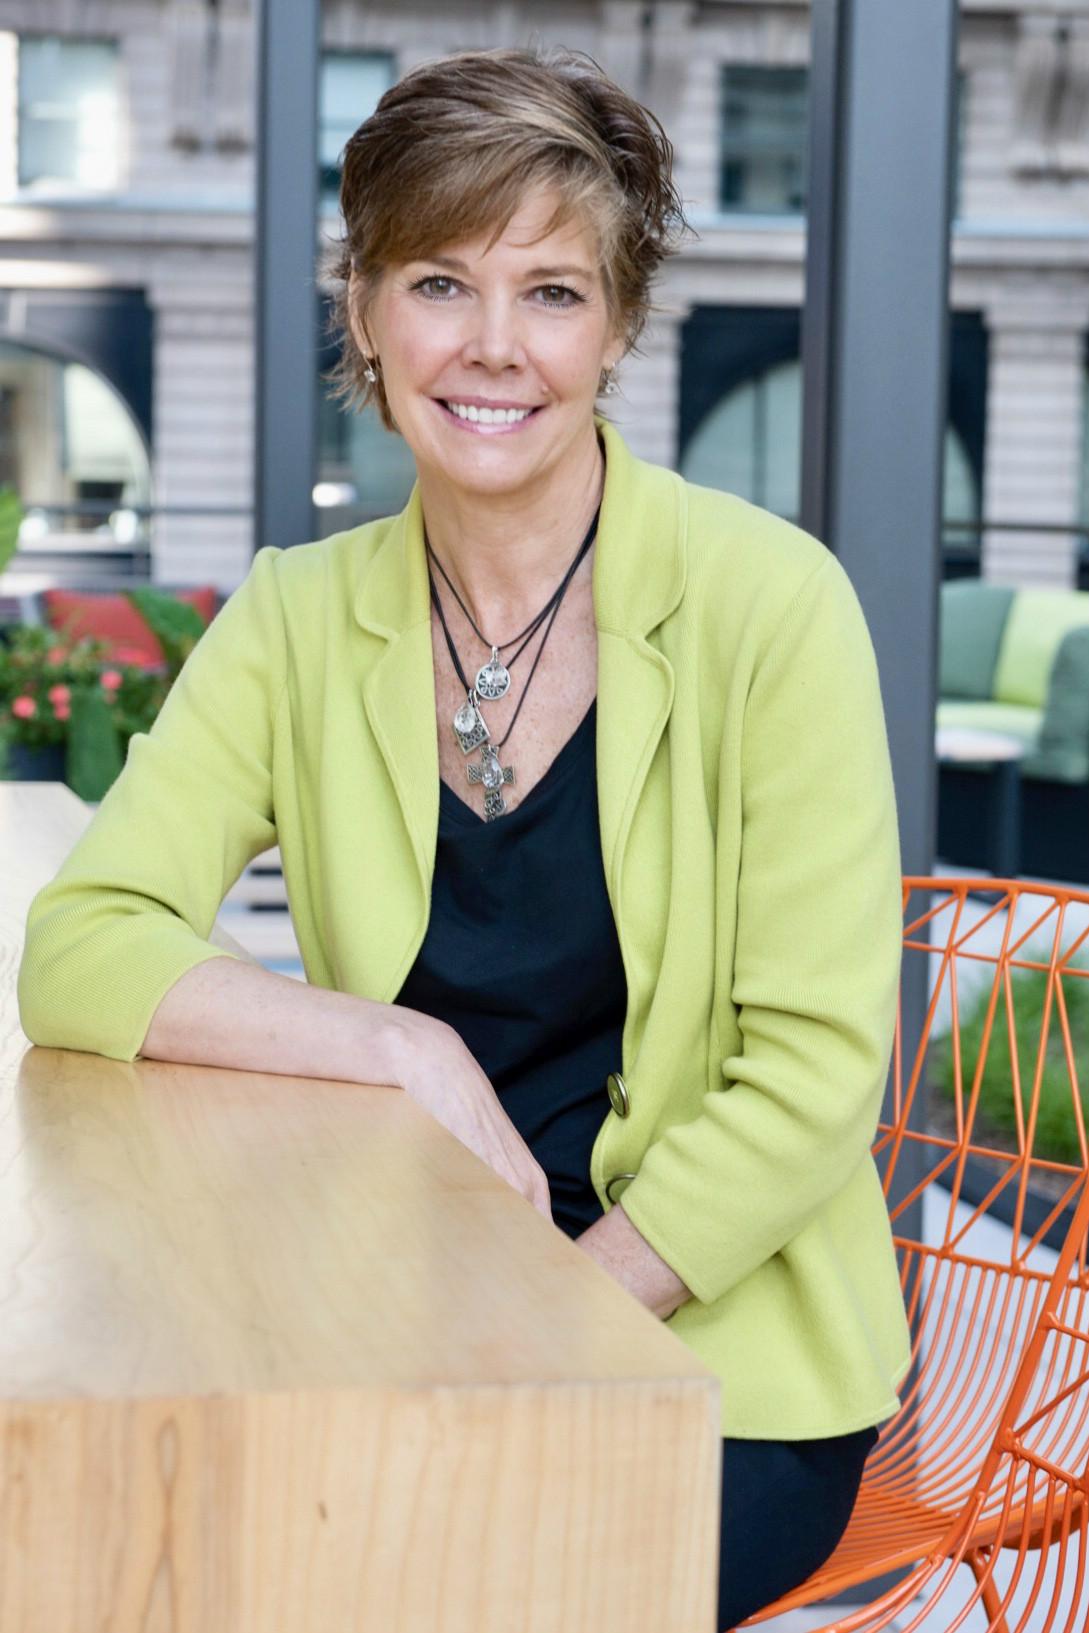 Nancy O'Brien